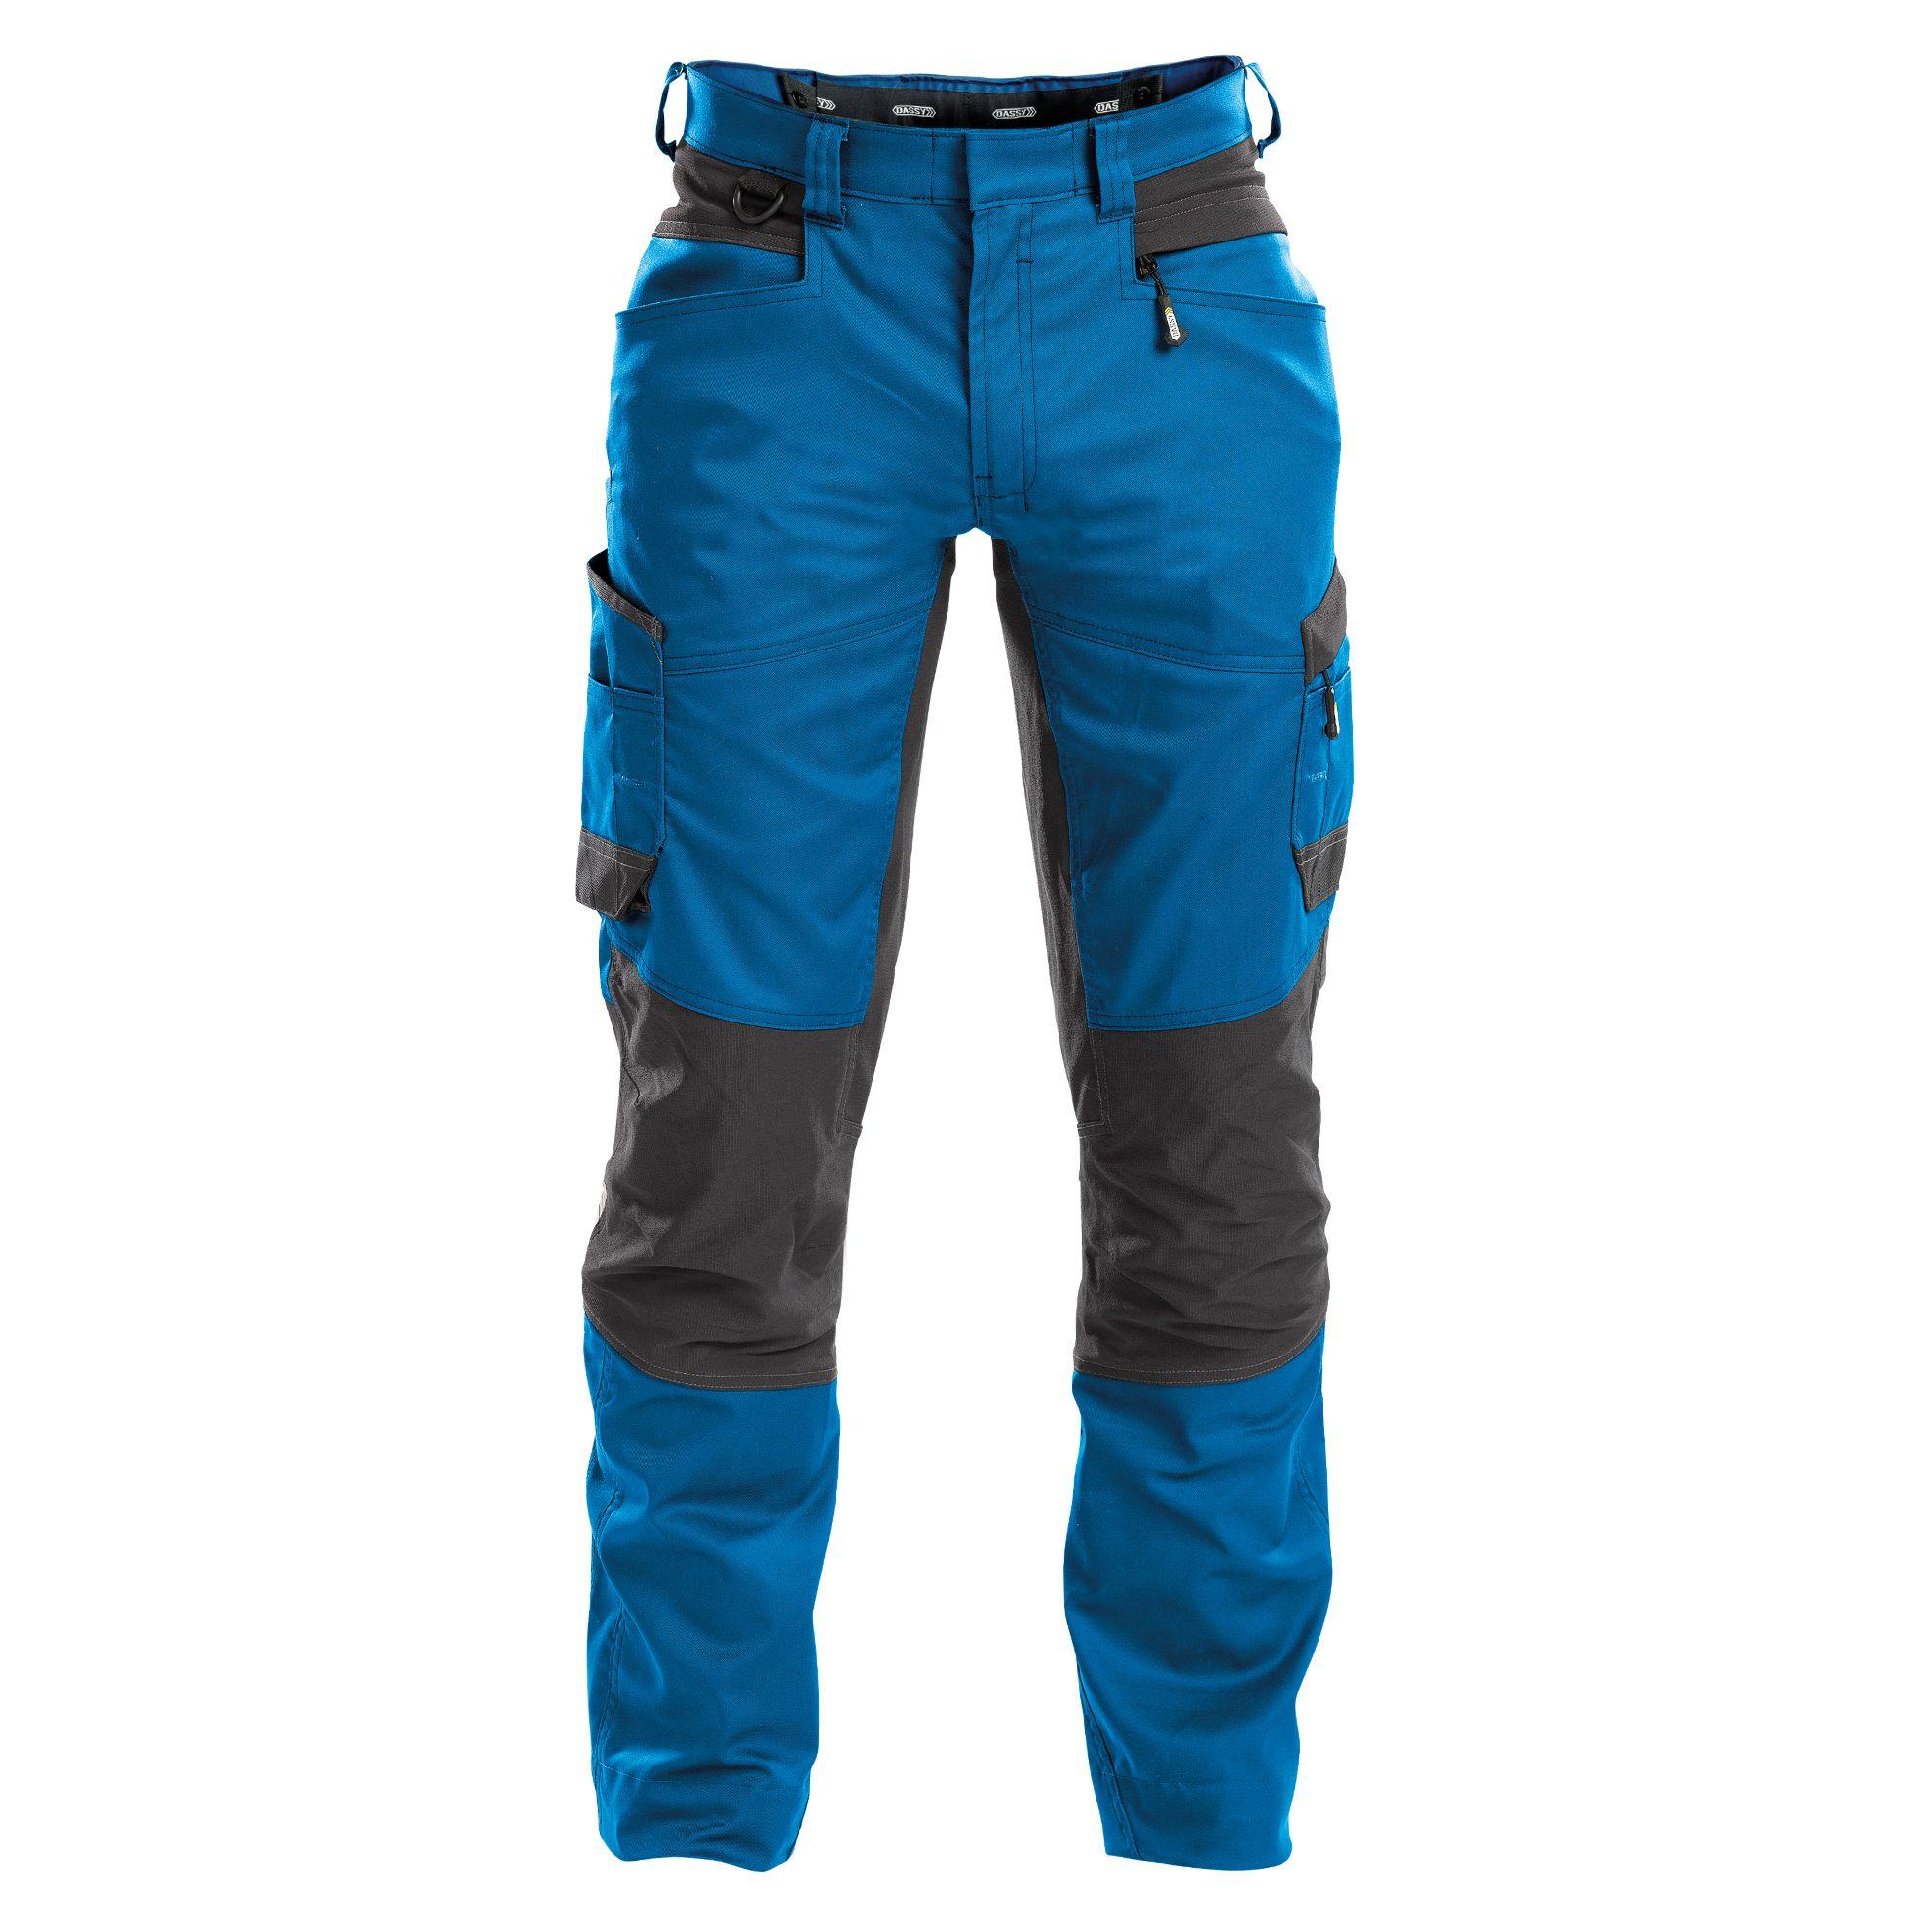 seidel_produkte_arbeitsbekleidung_bundhose_mit_stretch_dassy_helix_front_blau